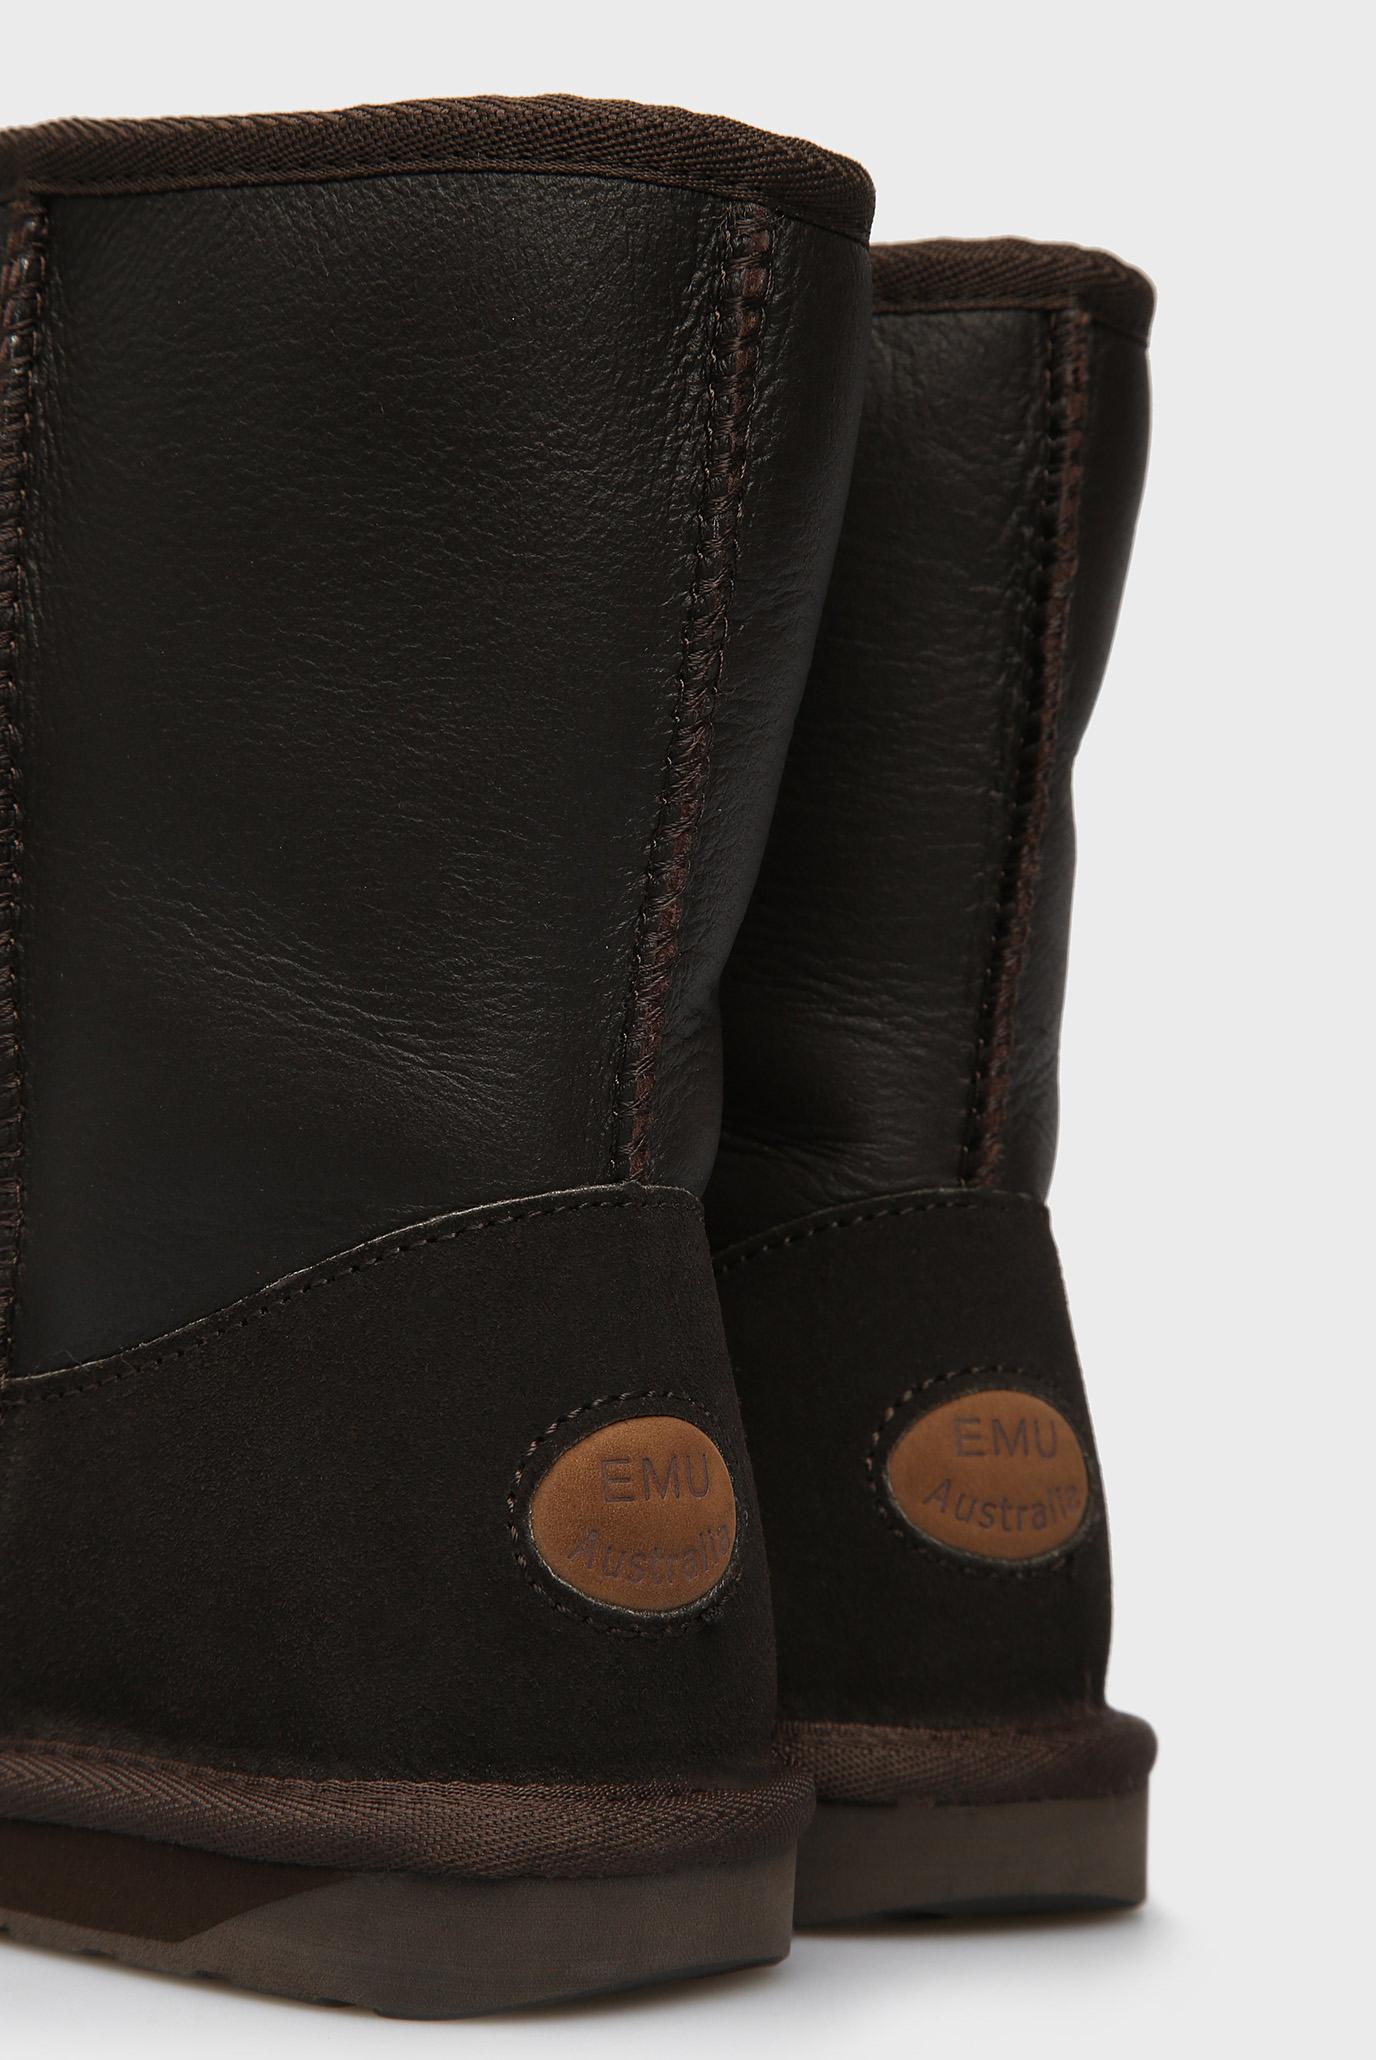 Купить Женские коричневые кожаные угги Townsend EMU Australia  EMU Australia  W10715 – Киев, Украина. Цены в интернет магазине MD Fashion